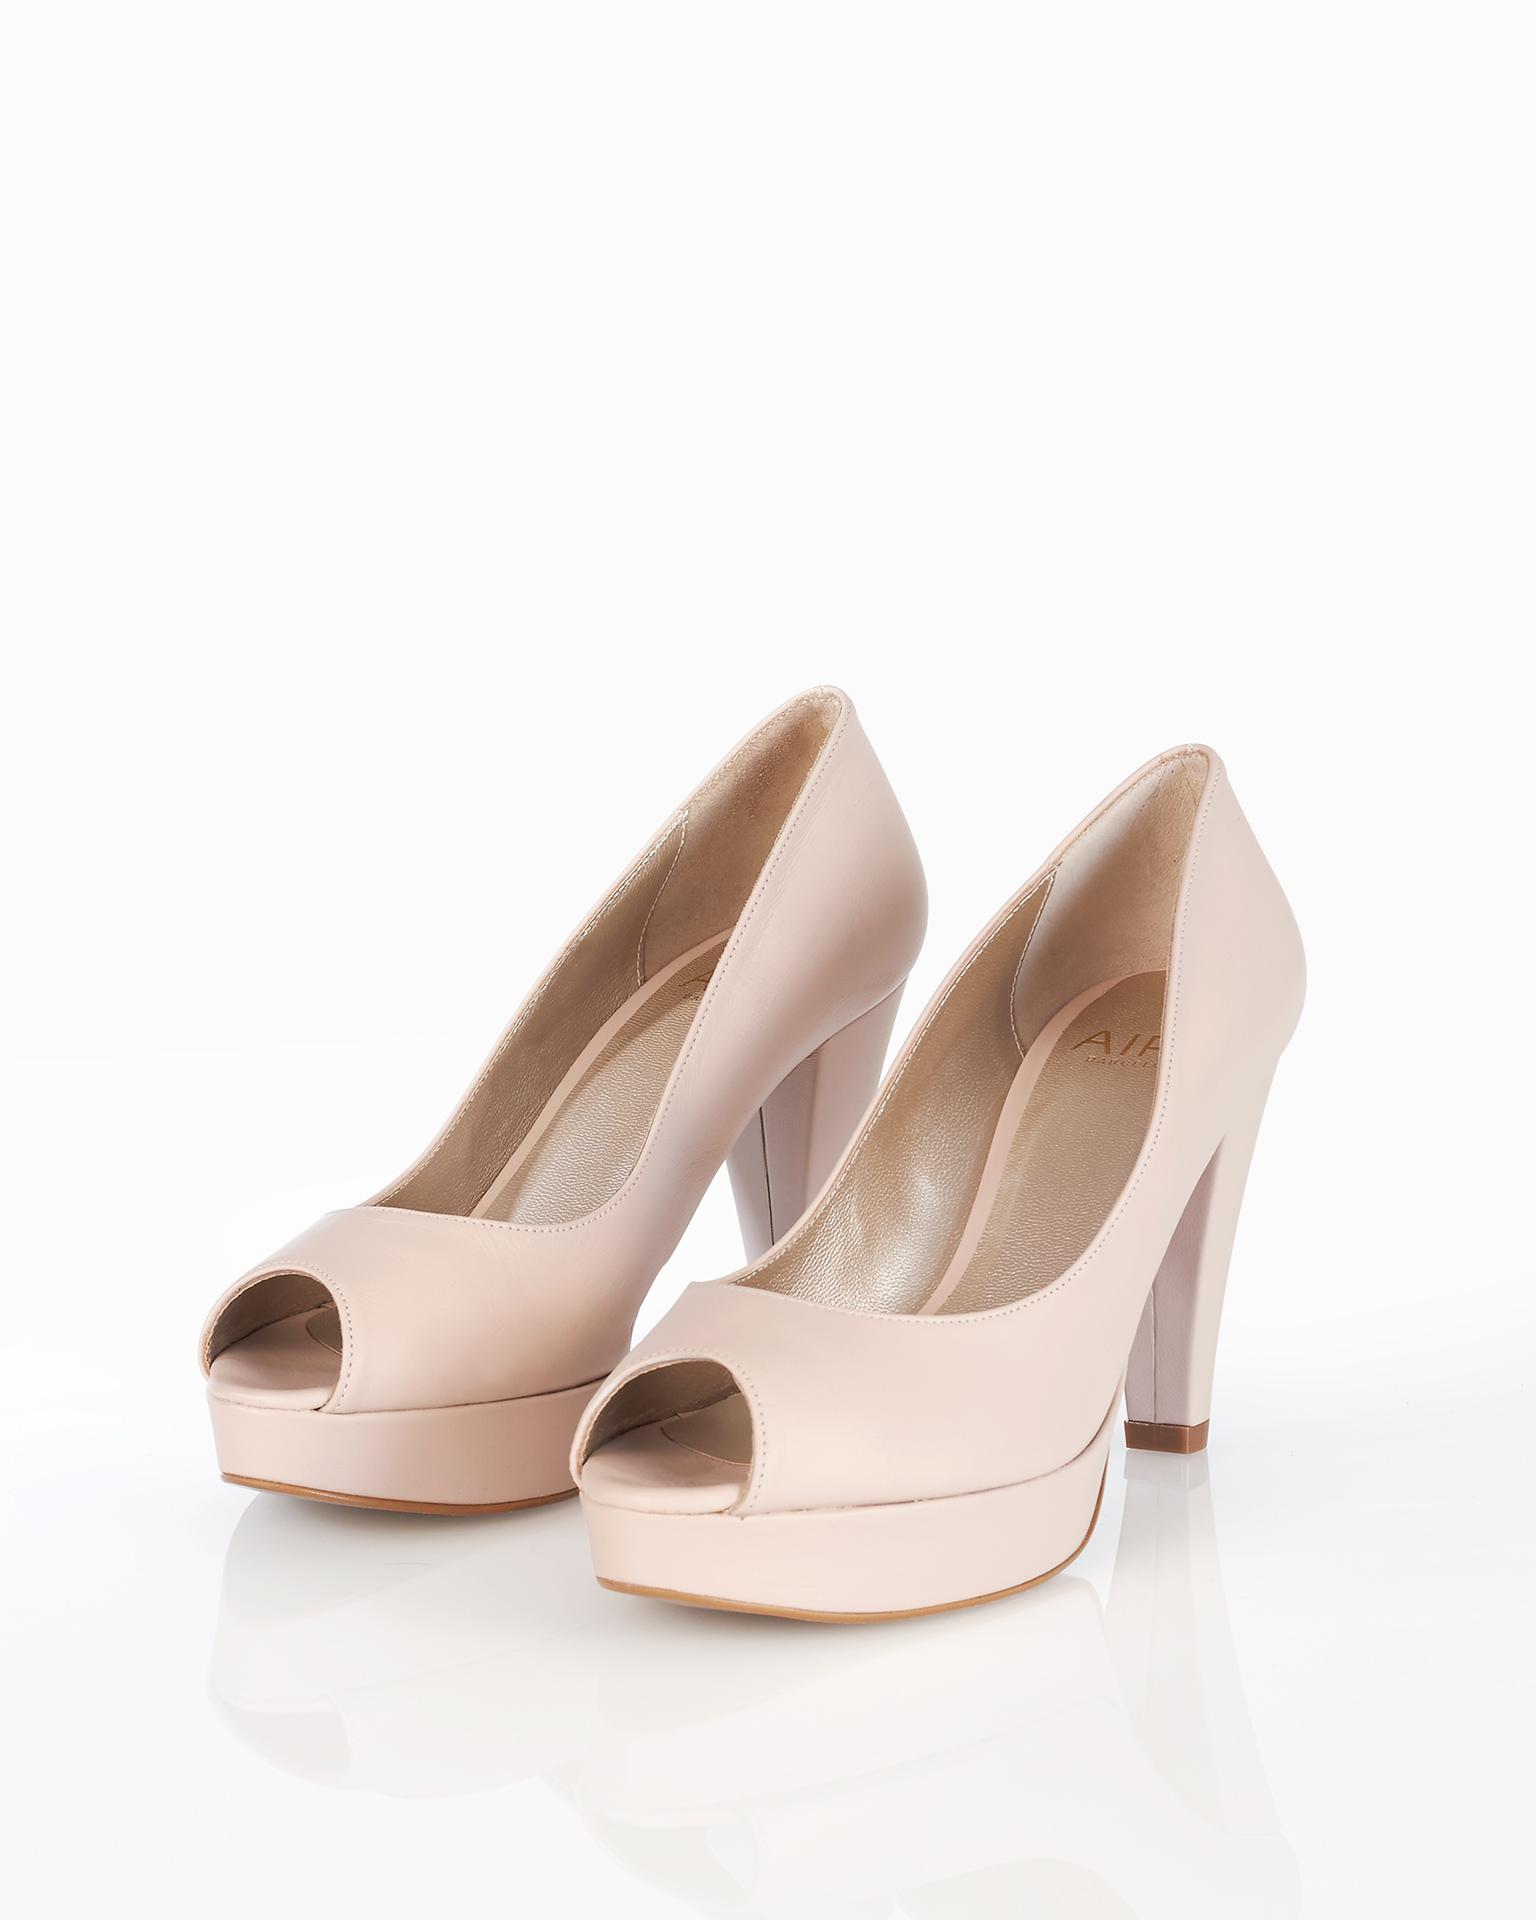 .2018 مجموعة فساتين AIRE BARCELONA حذاء للزفاف من الجلد ذو فتحة تُظهر الأصابع ونعل سميك وكَعب عالي، متوفر باللون الطبيعي، الشفّاف، الذهبي، والفضّي.